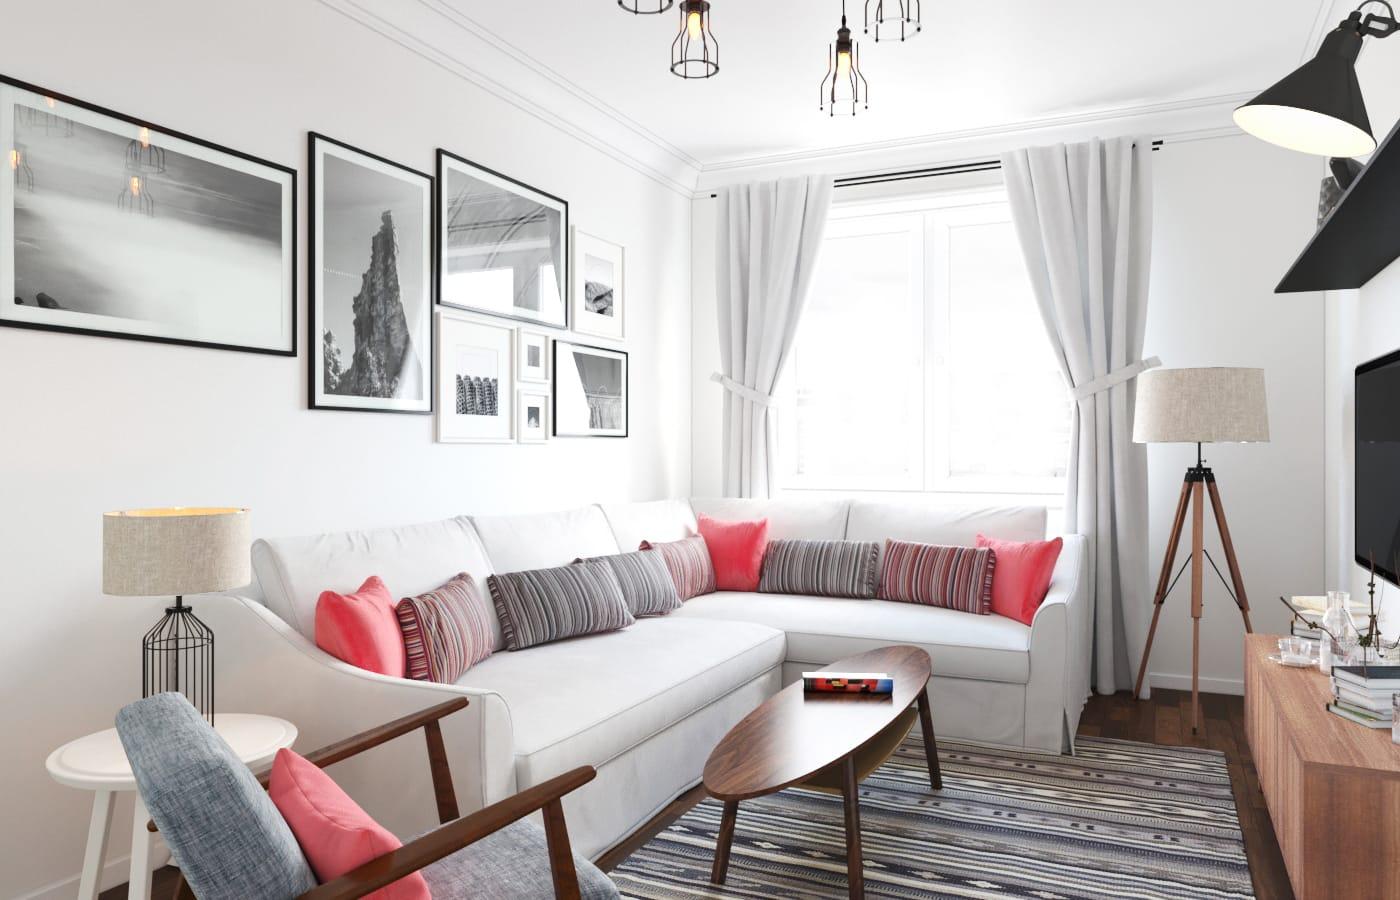 Расстановка мебели в скандинавском стиле